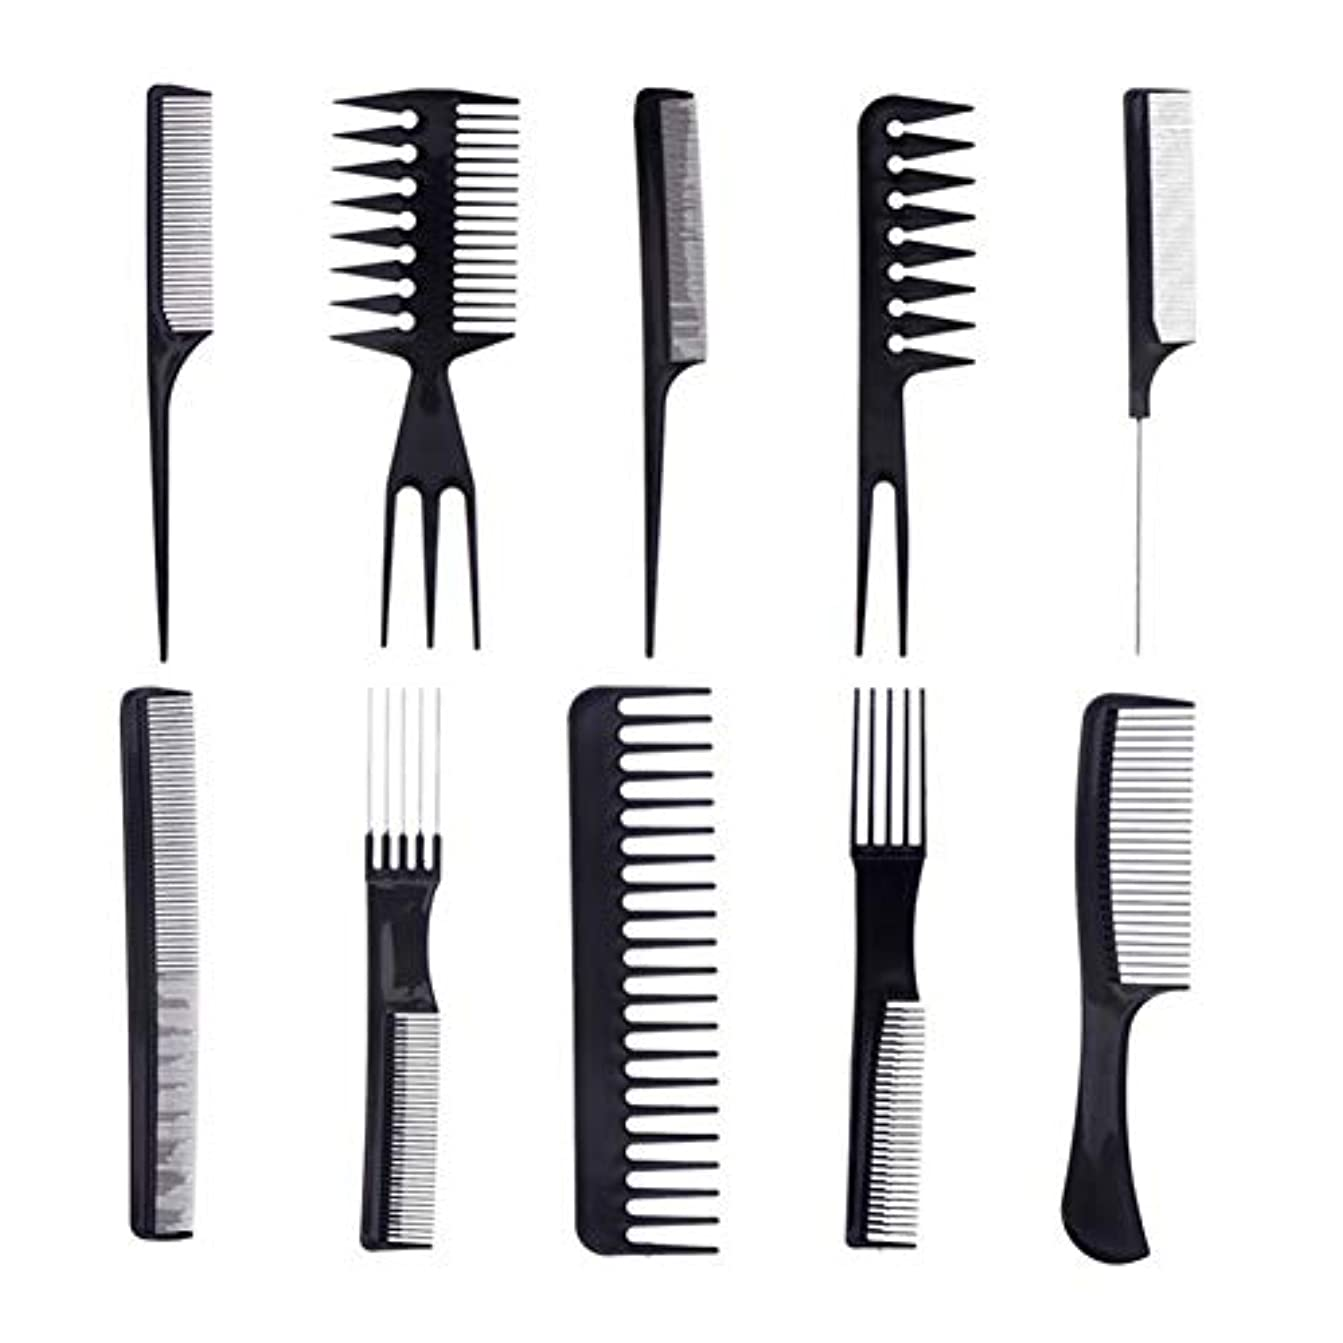 したがって散歩ダウンタウンプロの櫛静電気防止コームのヘアーサロンビューティーサロンスタイリングツールや髪のすべてのタイプ(黒)の10 /セット